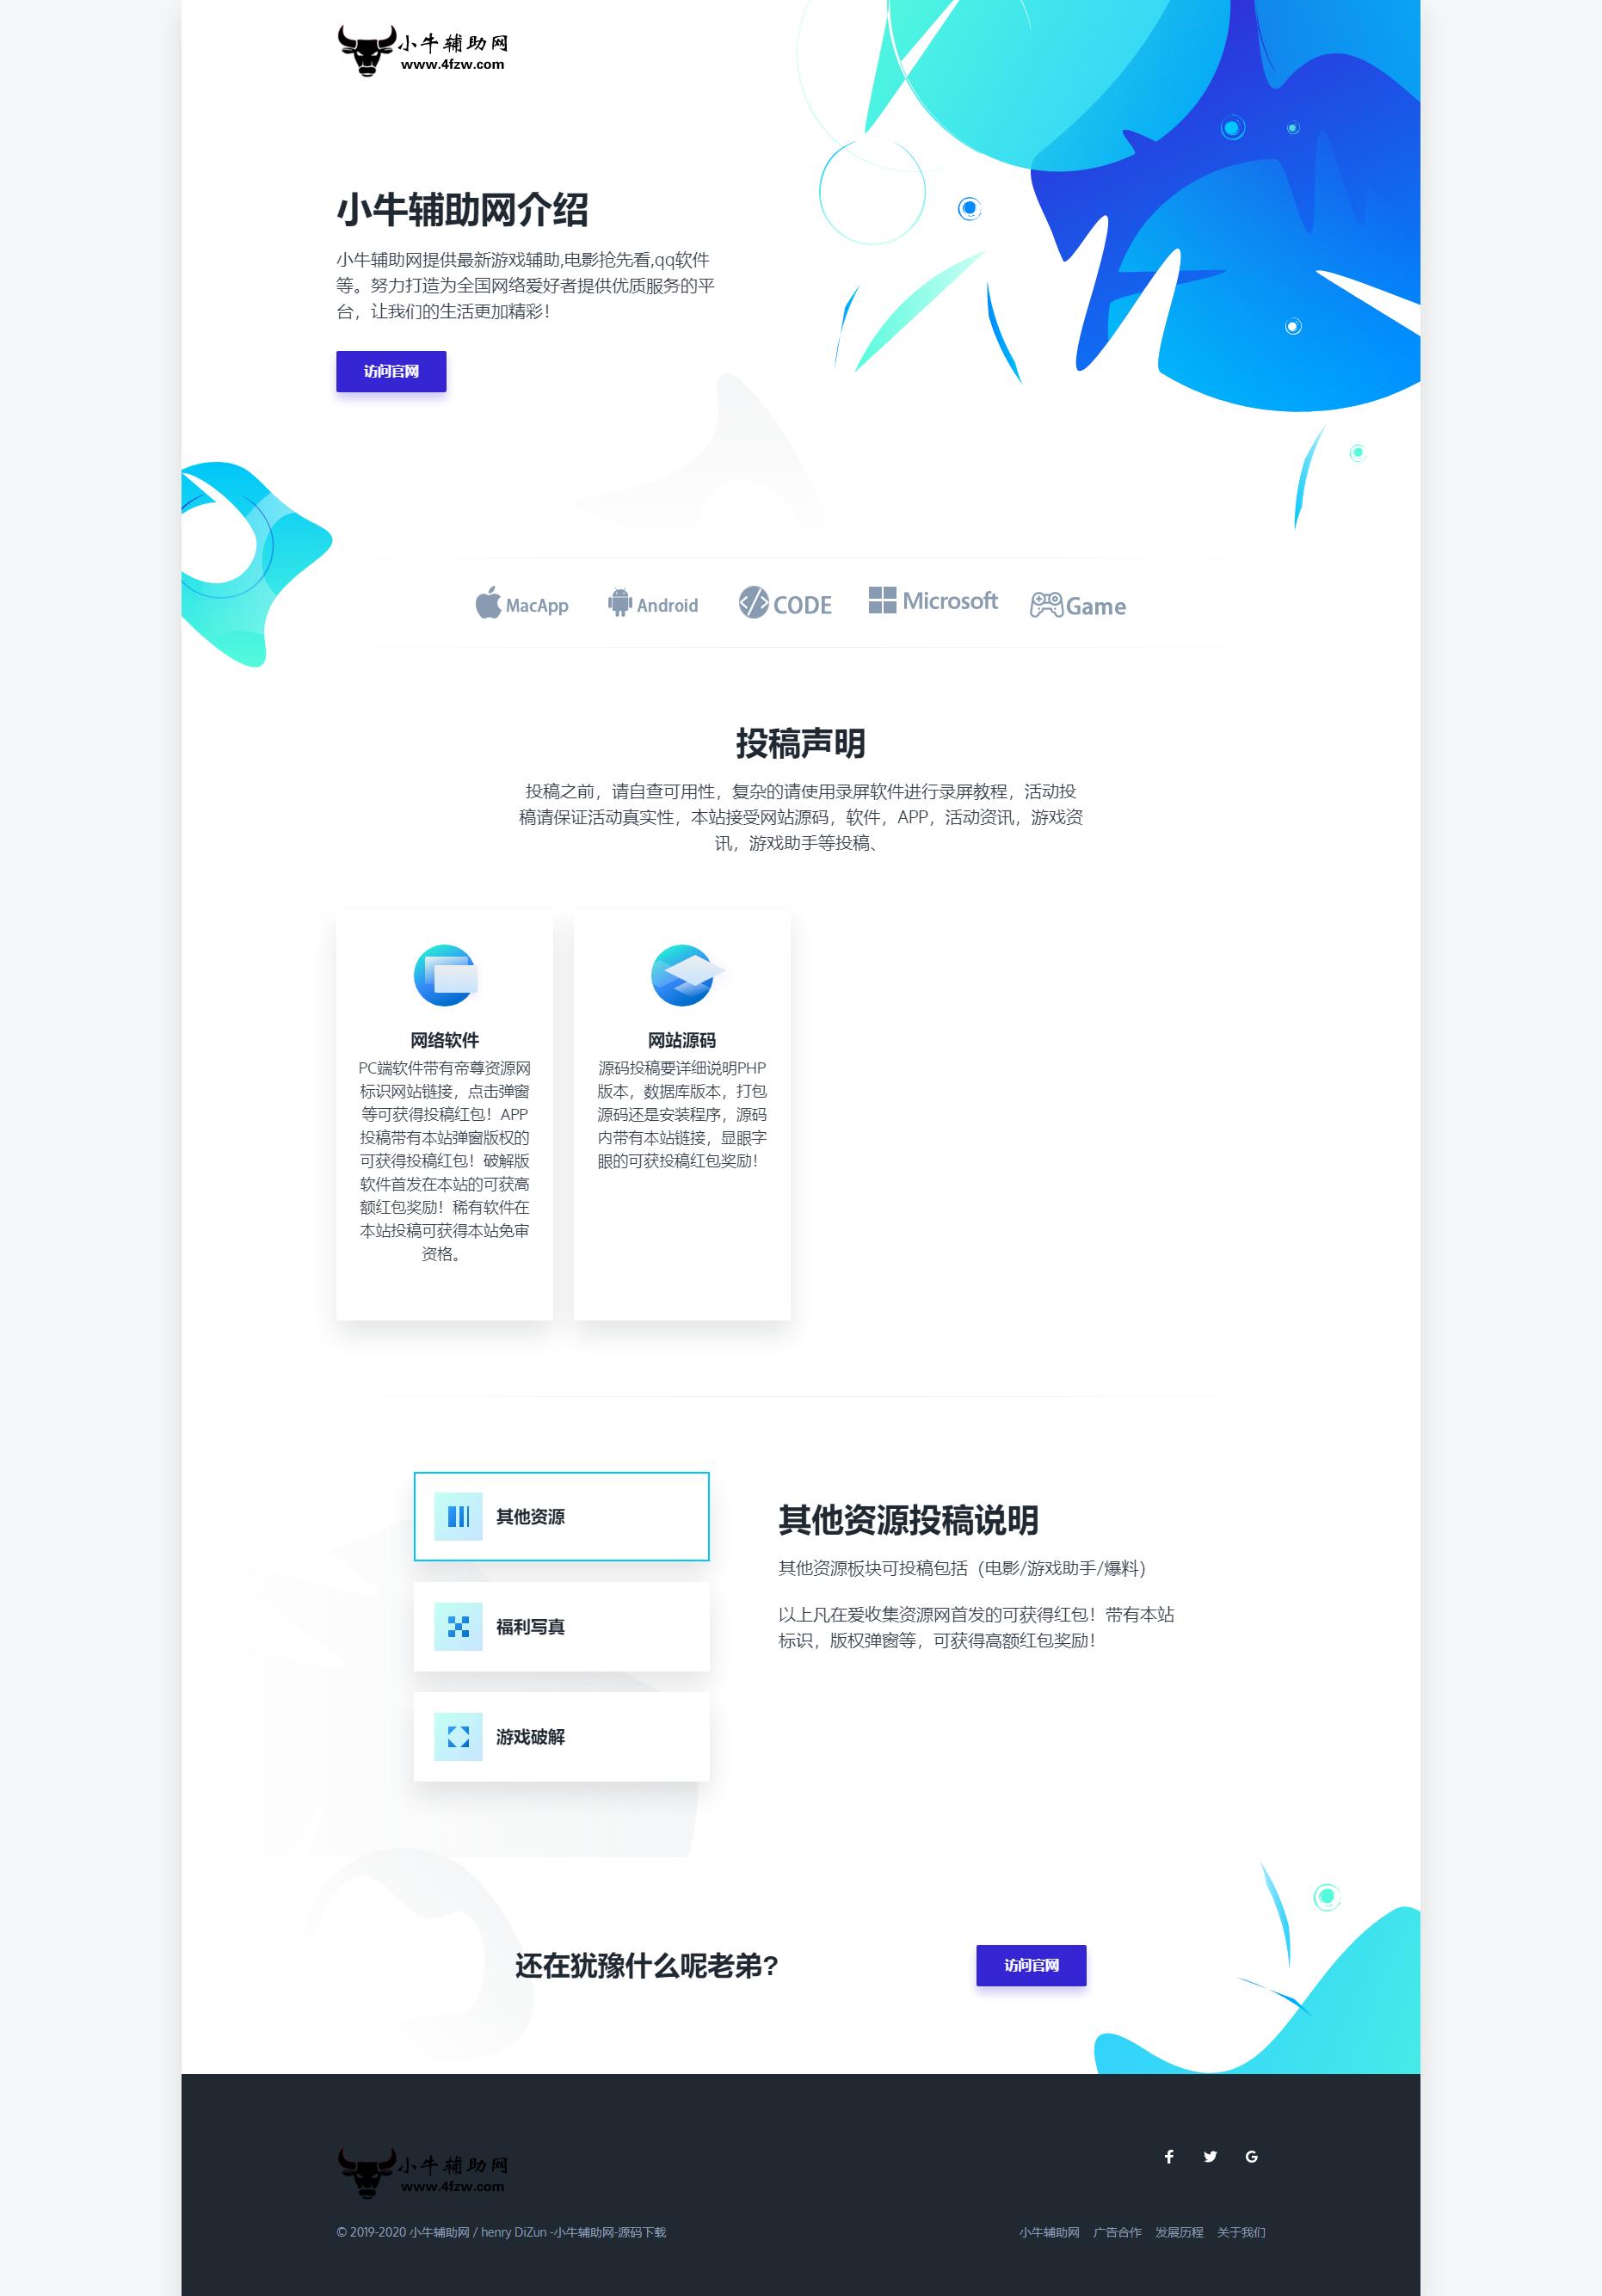 2020最炫酷蓝色投稿页面HTML源码.png